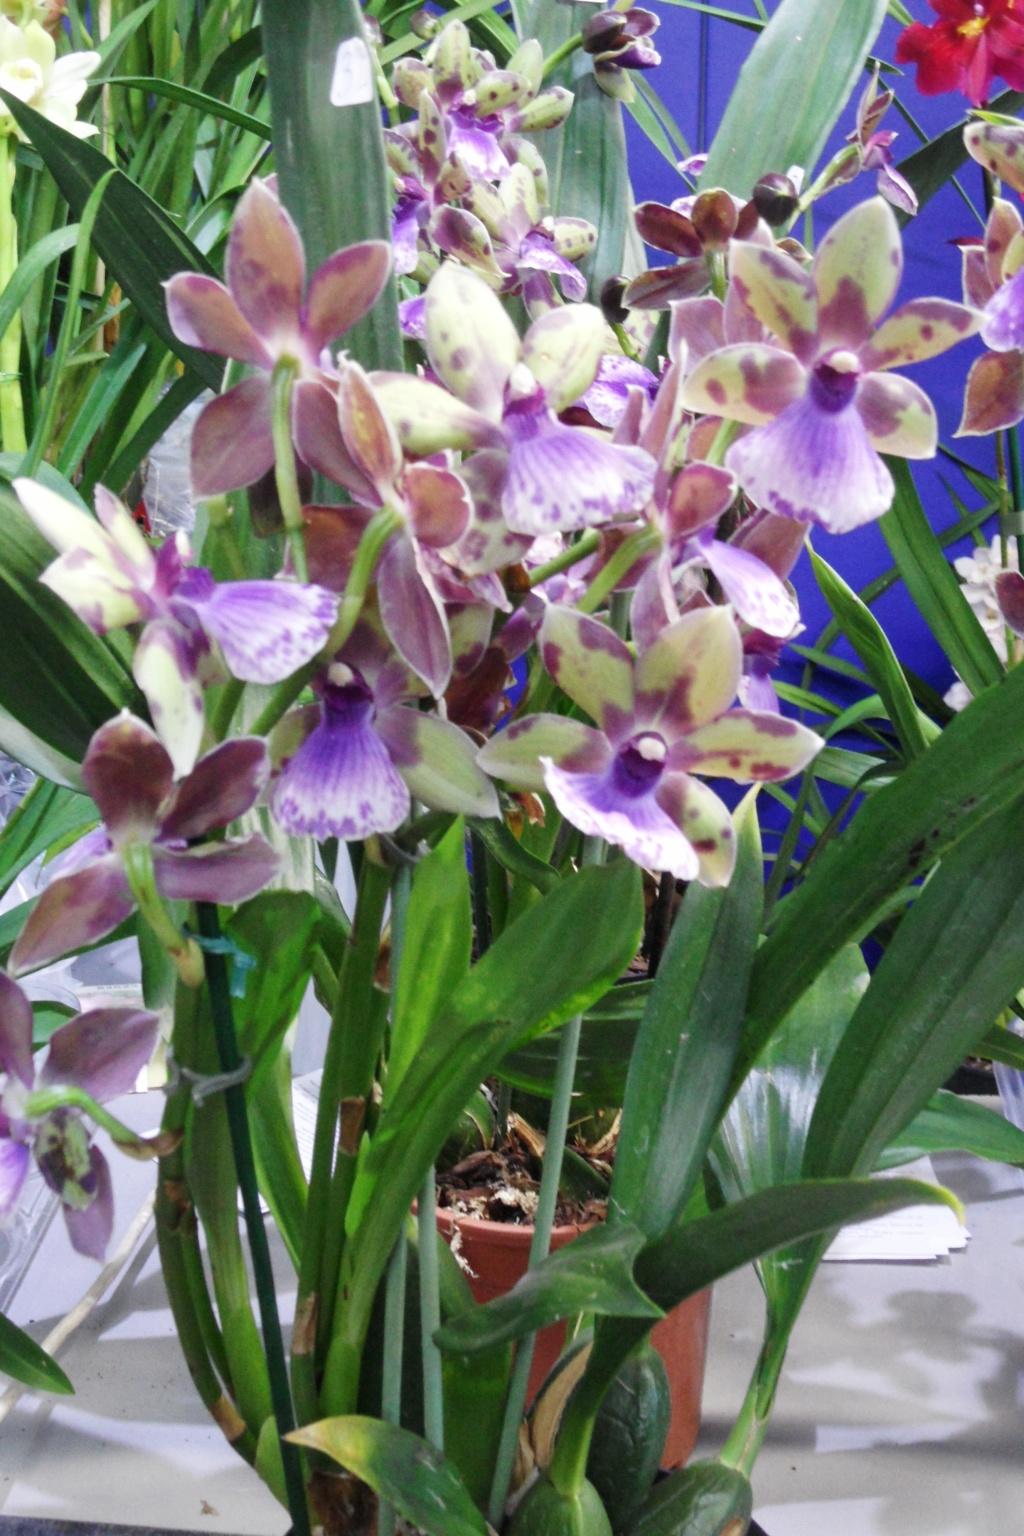 Salon orchidées Bouc-Bel-Air 01315